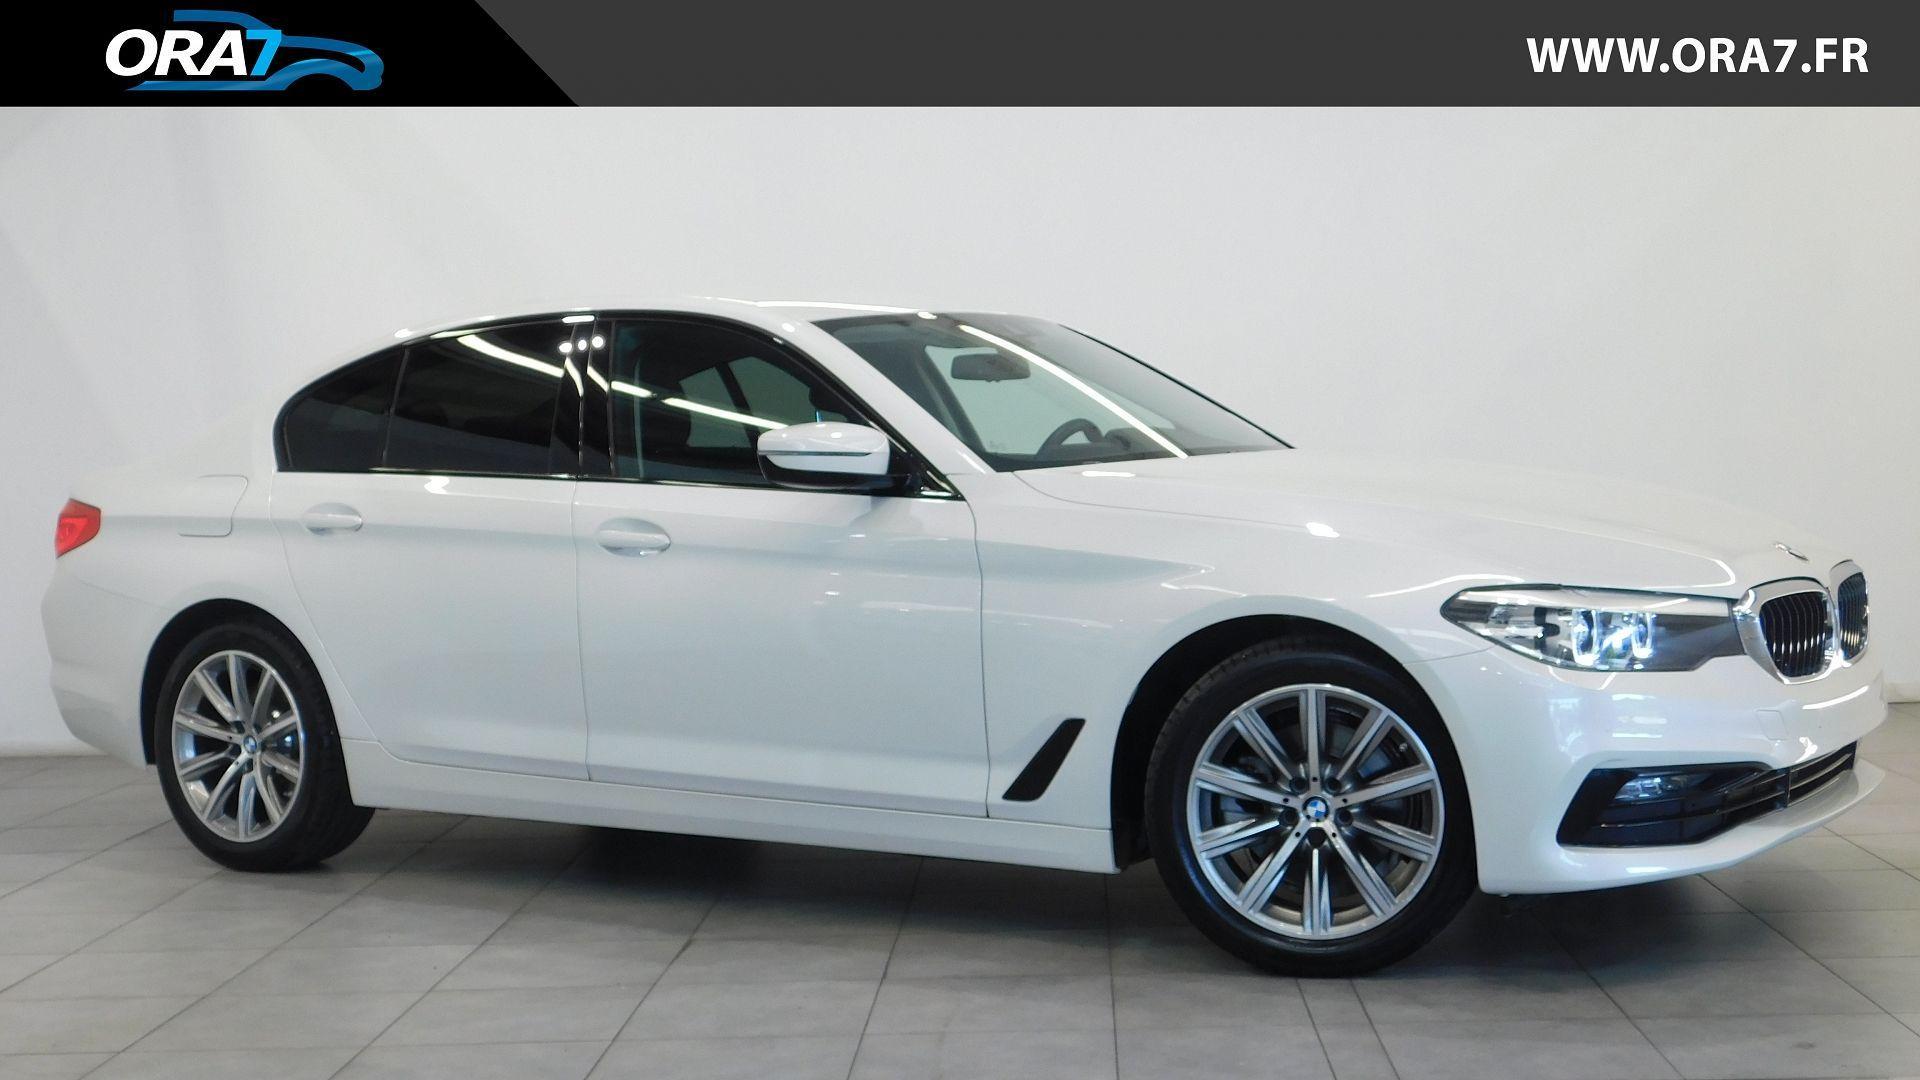 Nouvelle BMW SERIE 5 (G30) 520IA 184CH BUSINESS DESIGN EURO6D-T en leasing chez Click&Lease